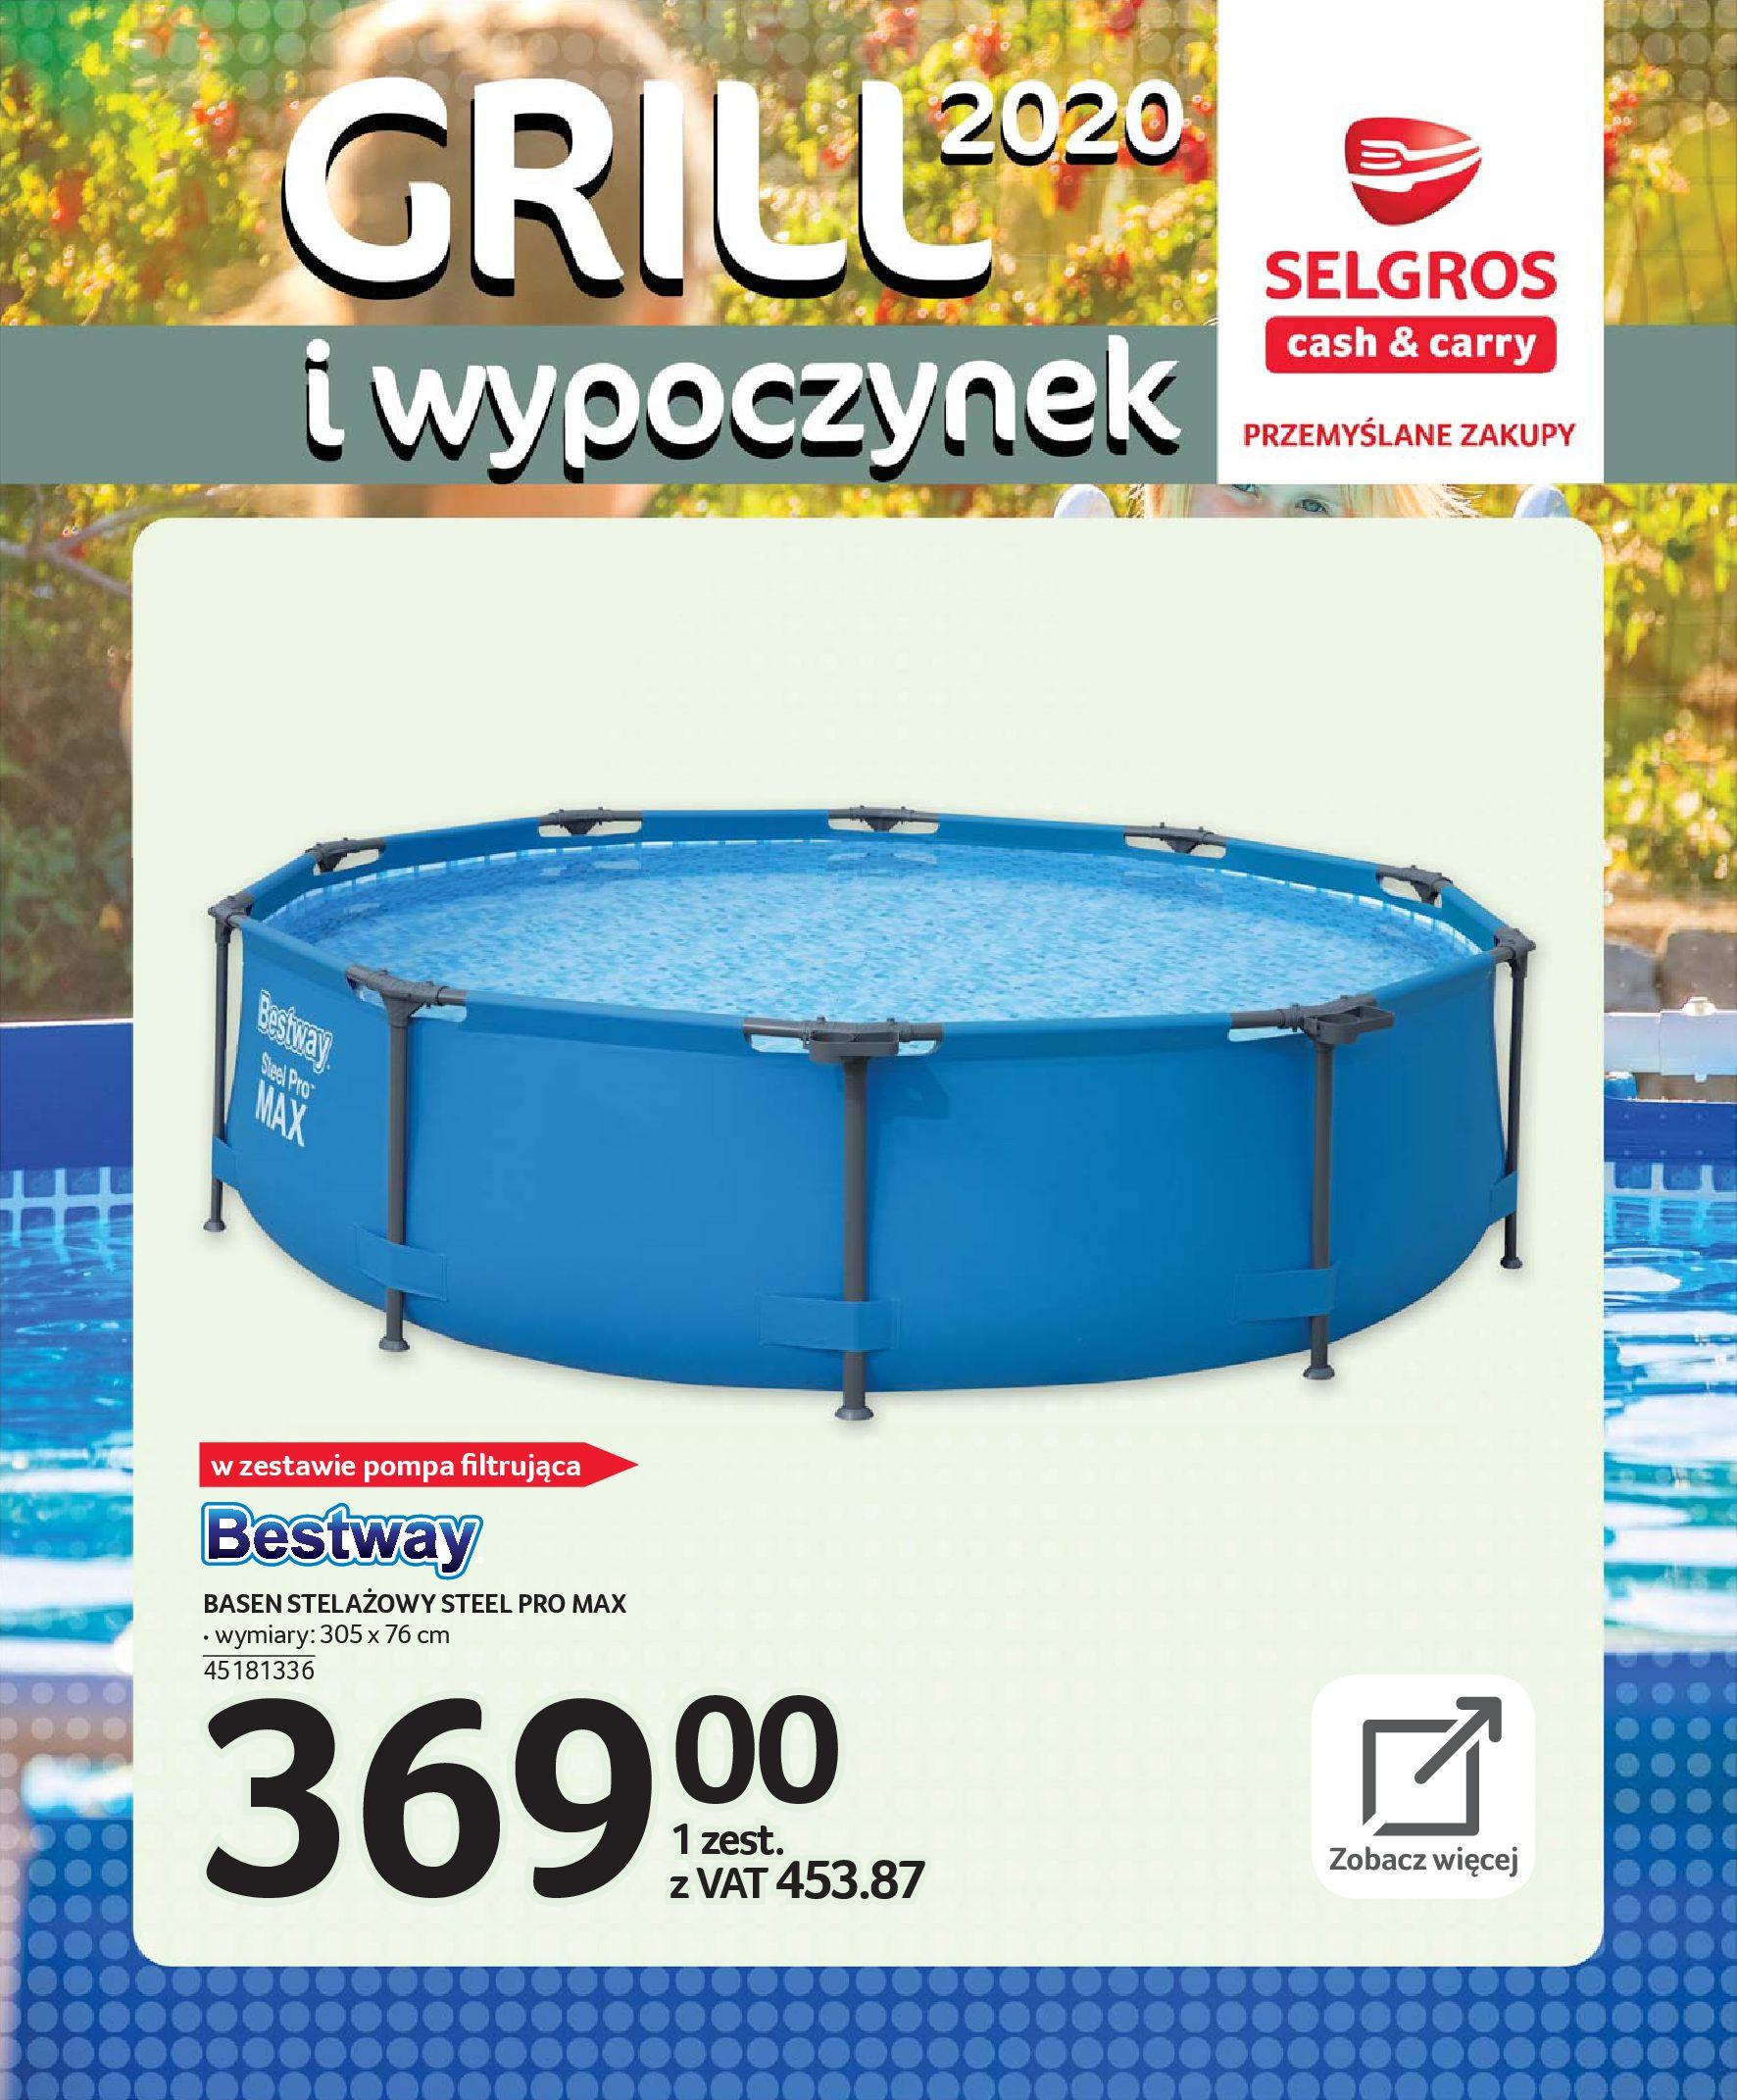 Gazetka Selgros - Katalog - Grill i wypoczynek-31.03.2020-31.08.2020-page-94